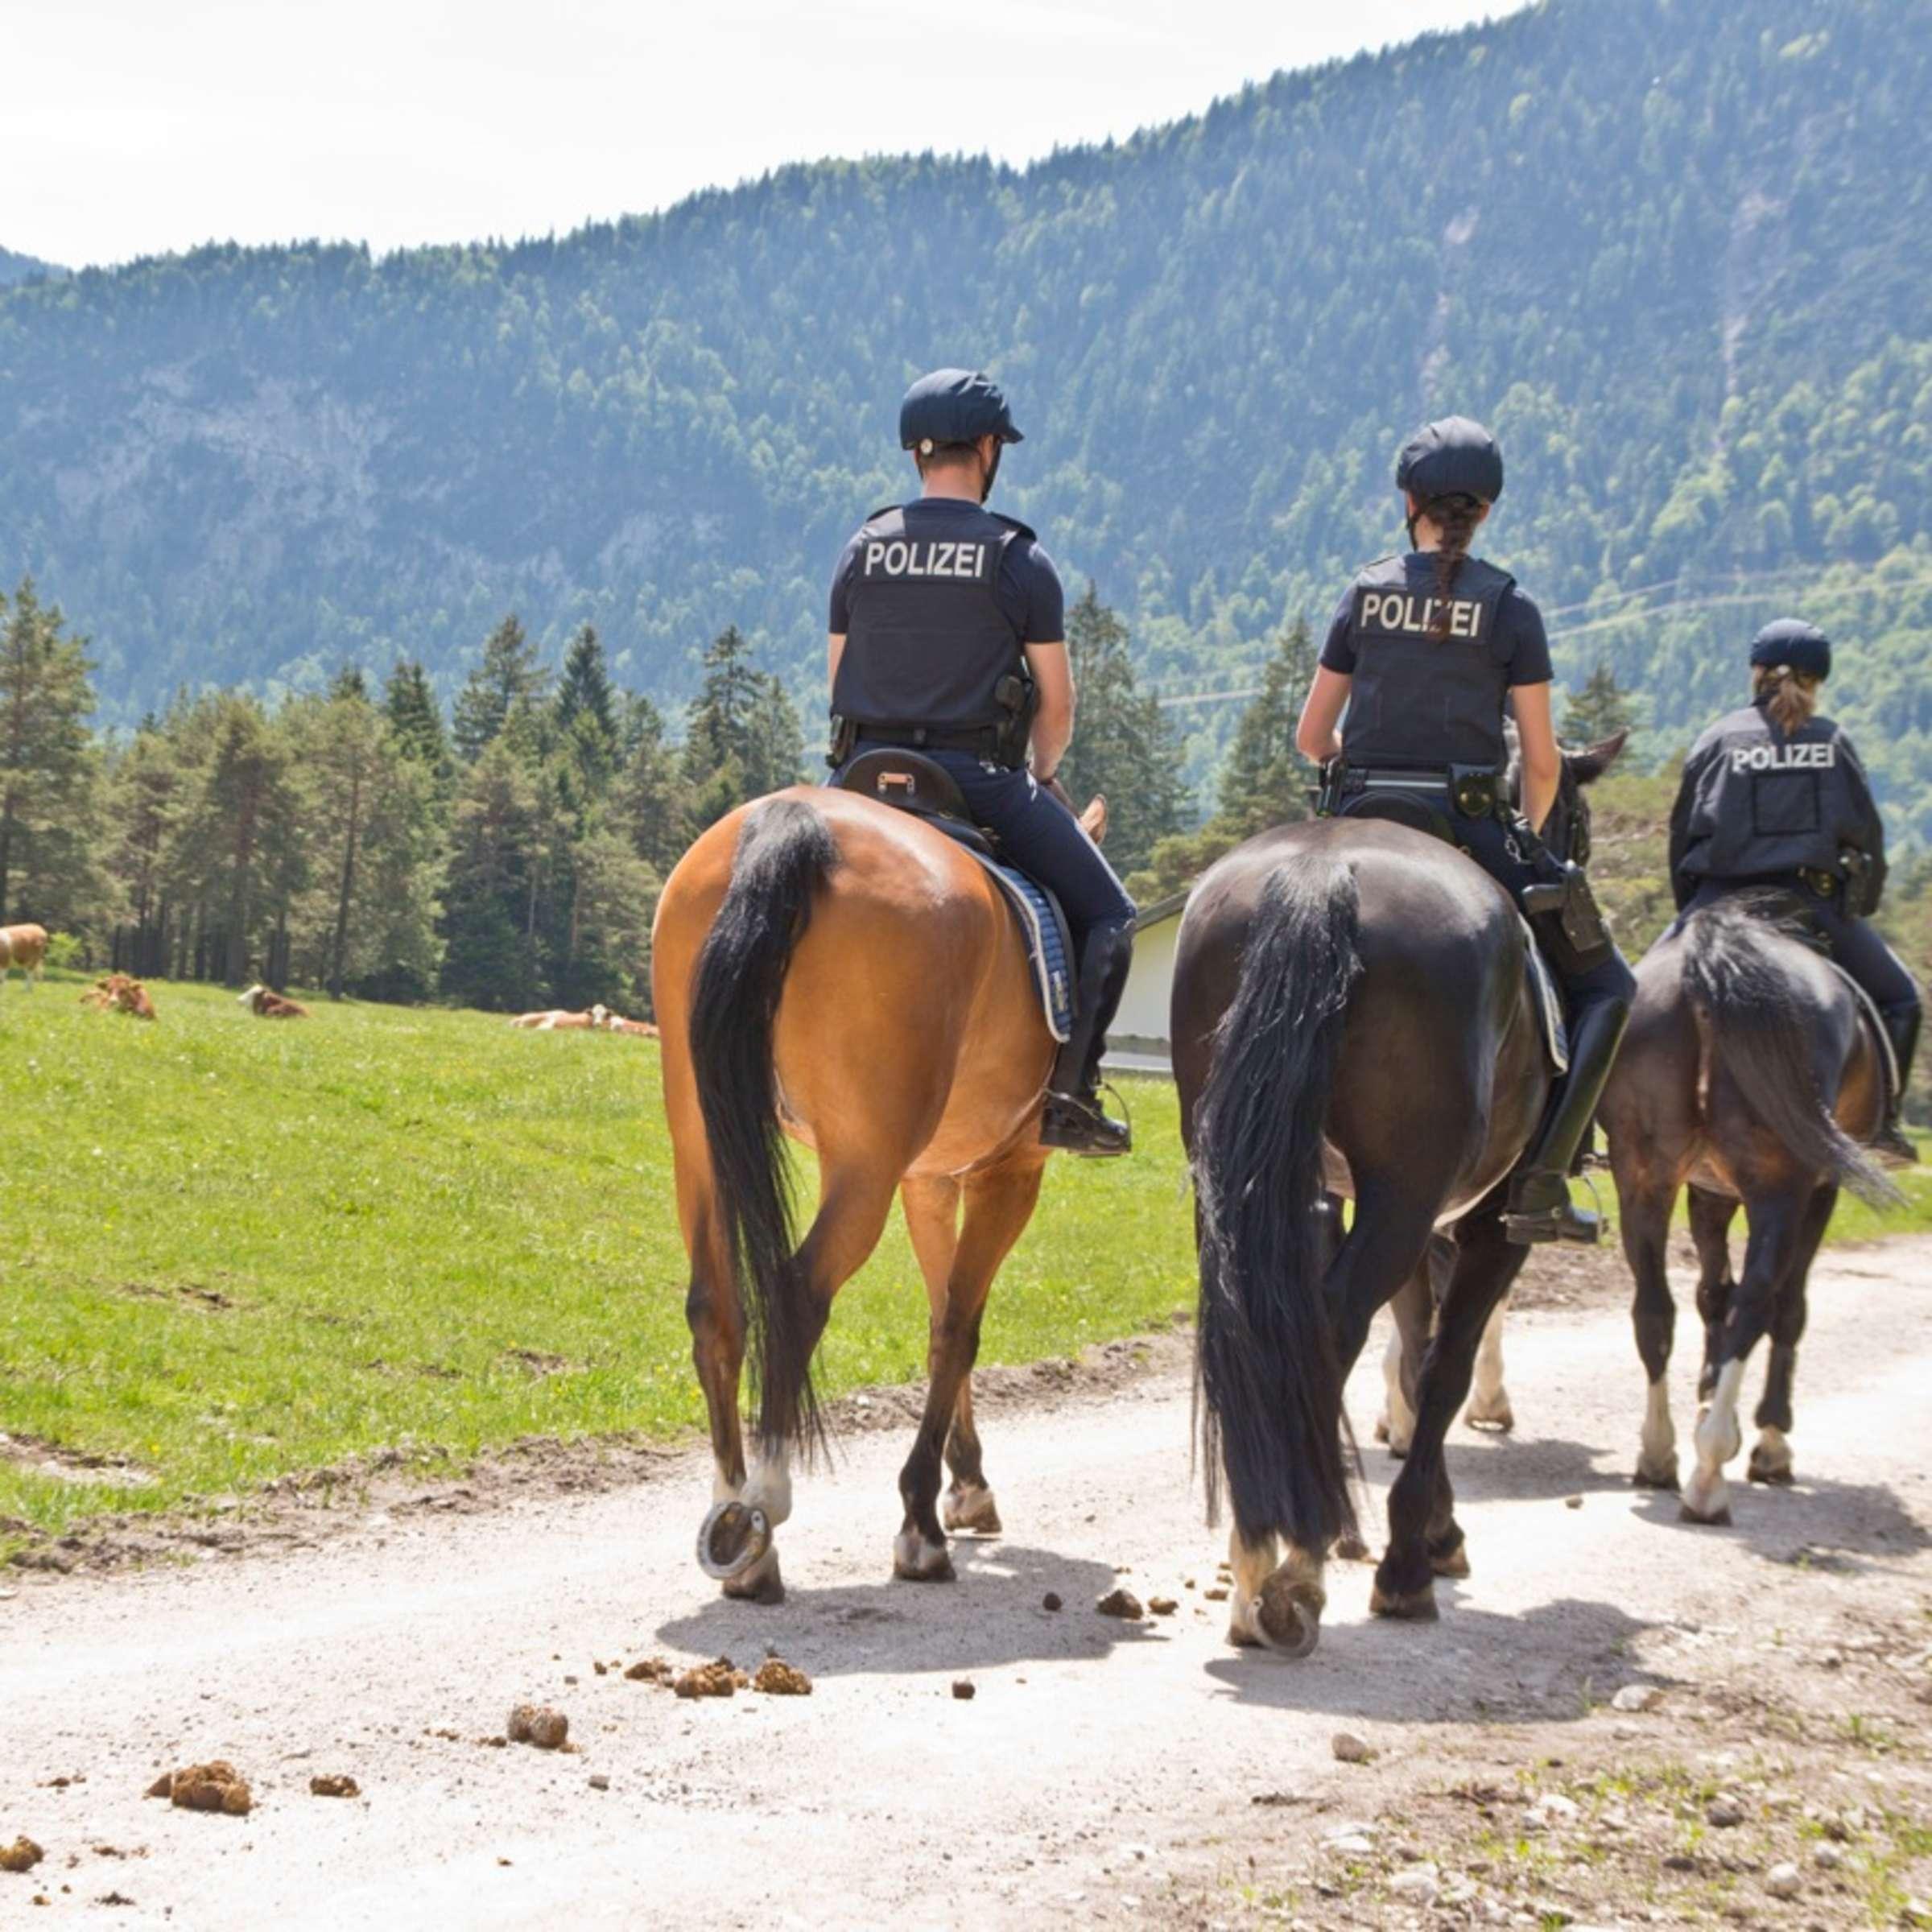 Polizeiinspektion Hornstein - Polizei Polizei